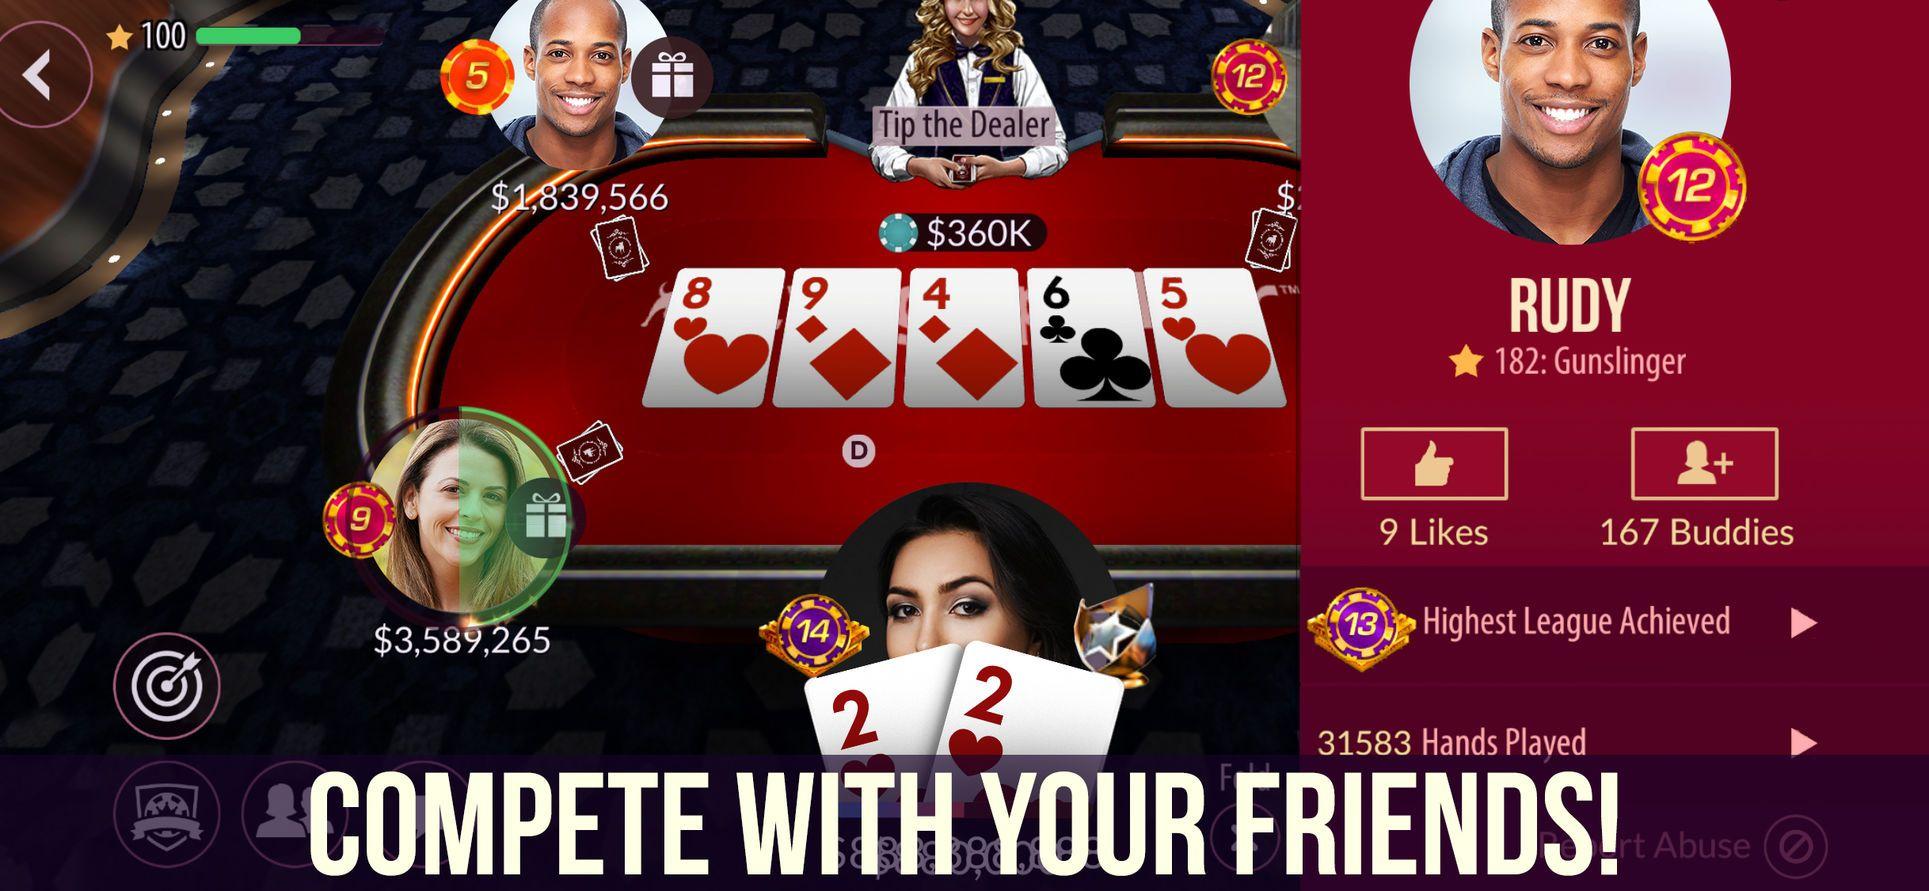 музыка под покер онлайн